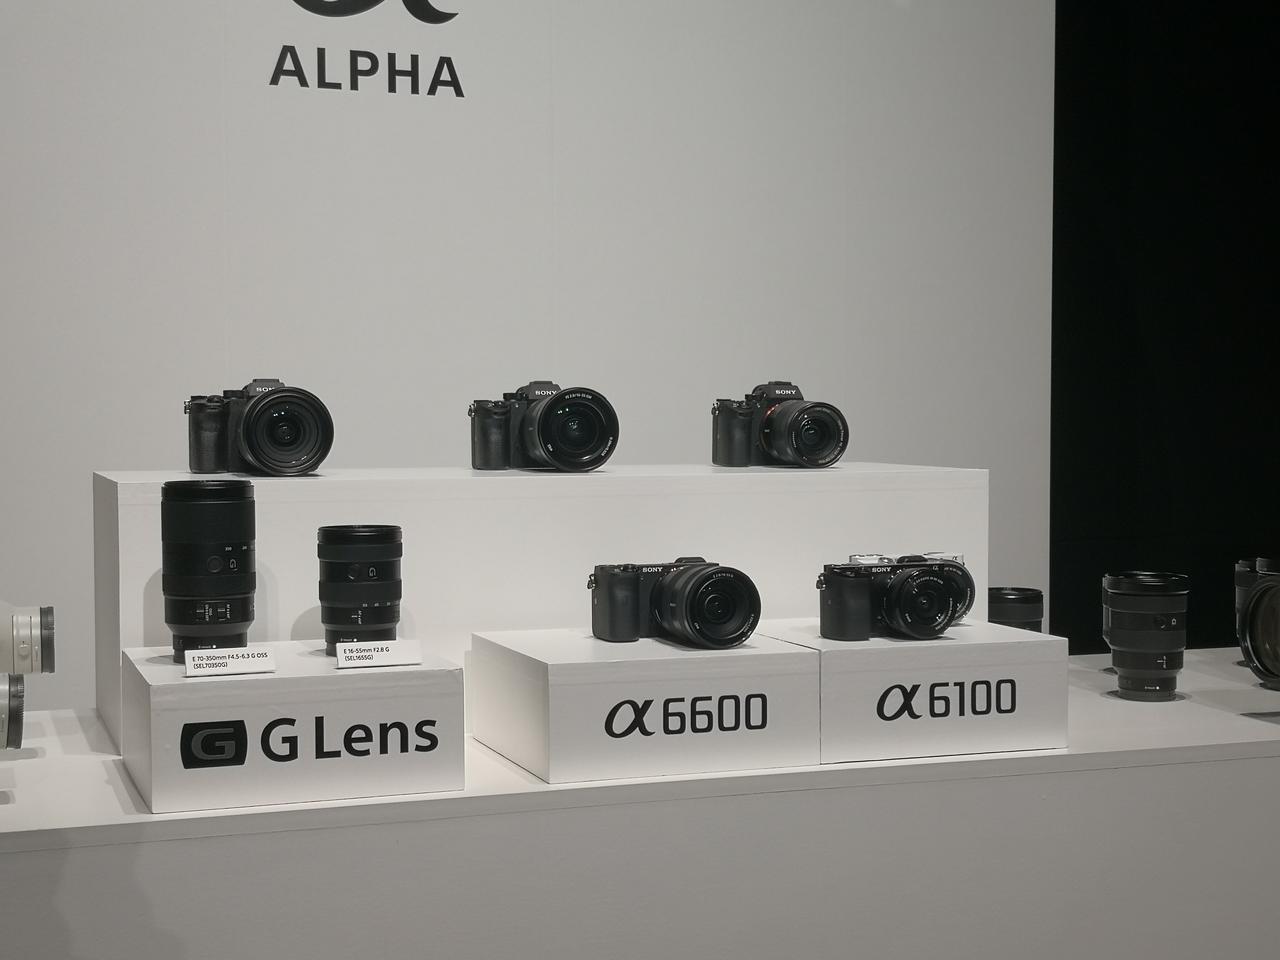 画像: ソニーがAPS-Cセンサーを搭載したミラーレス一眼カメラのフラッグシップモデル「α6600」とスタンダードモデル「α6100」の二機種を発表。同時に2種類の交換レンズの投入も。